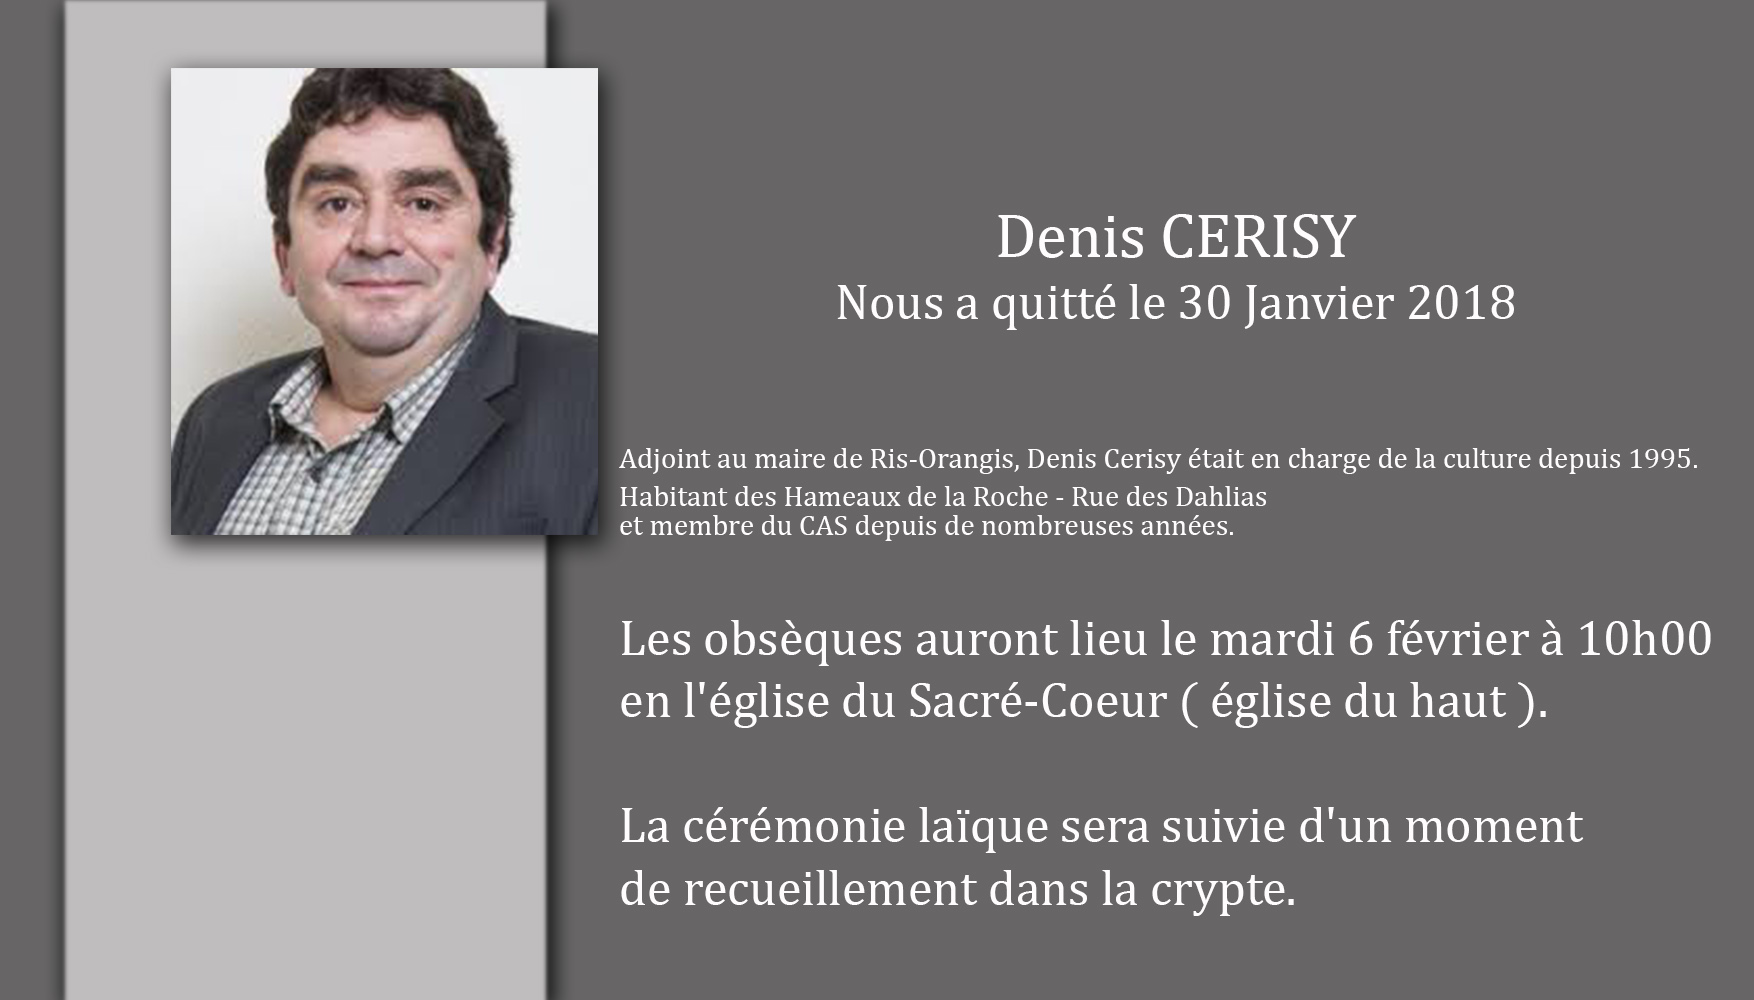 http://leshameauxdelaroche.fr/wp-content/uploads/2018/02/faire-part-deces-denis-cerisy.jpg